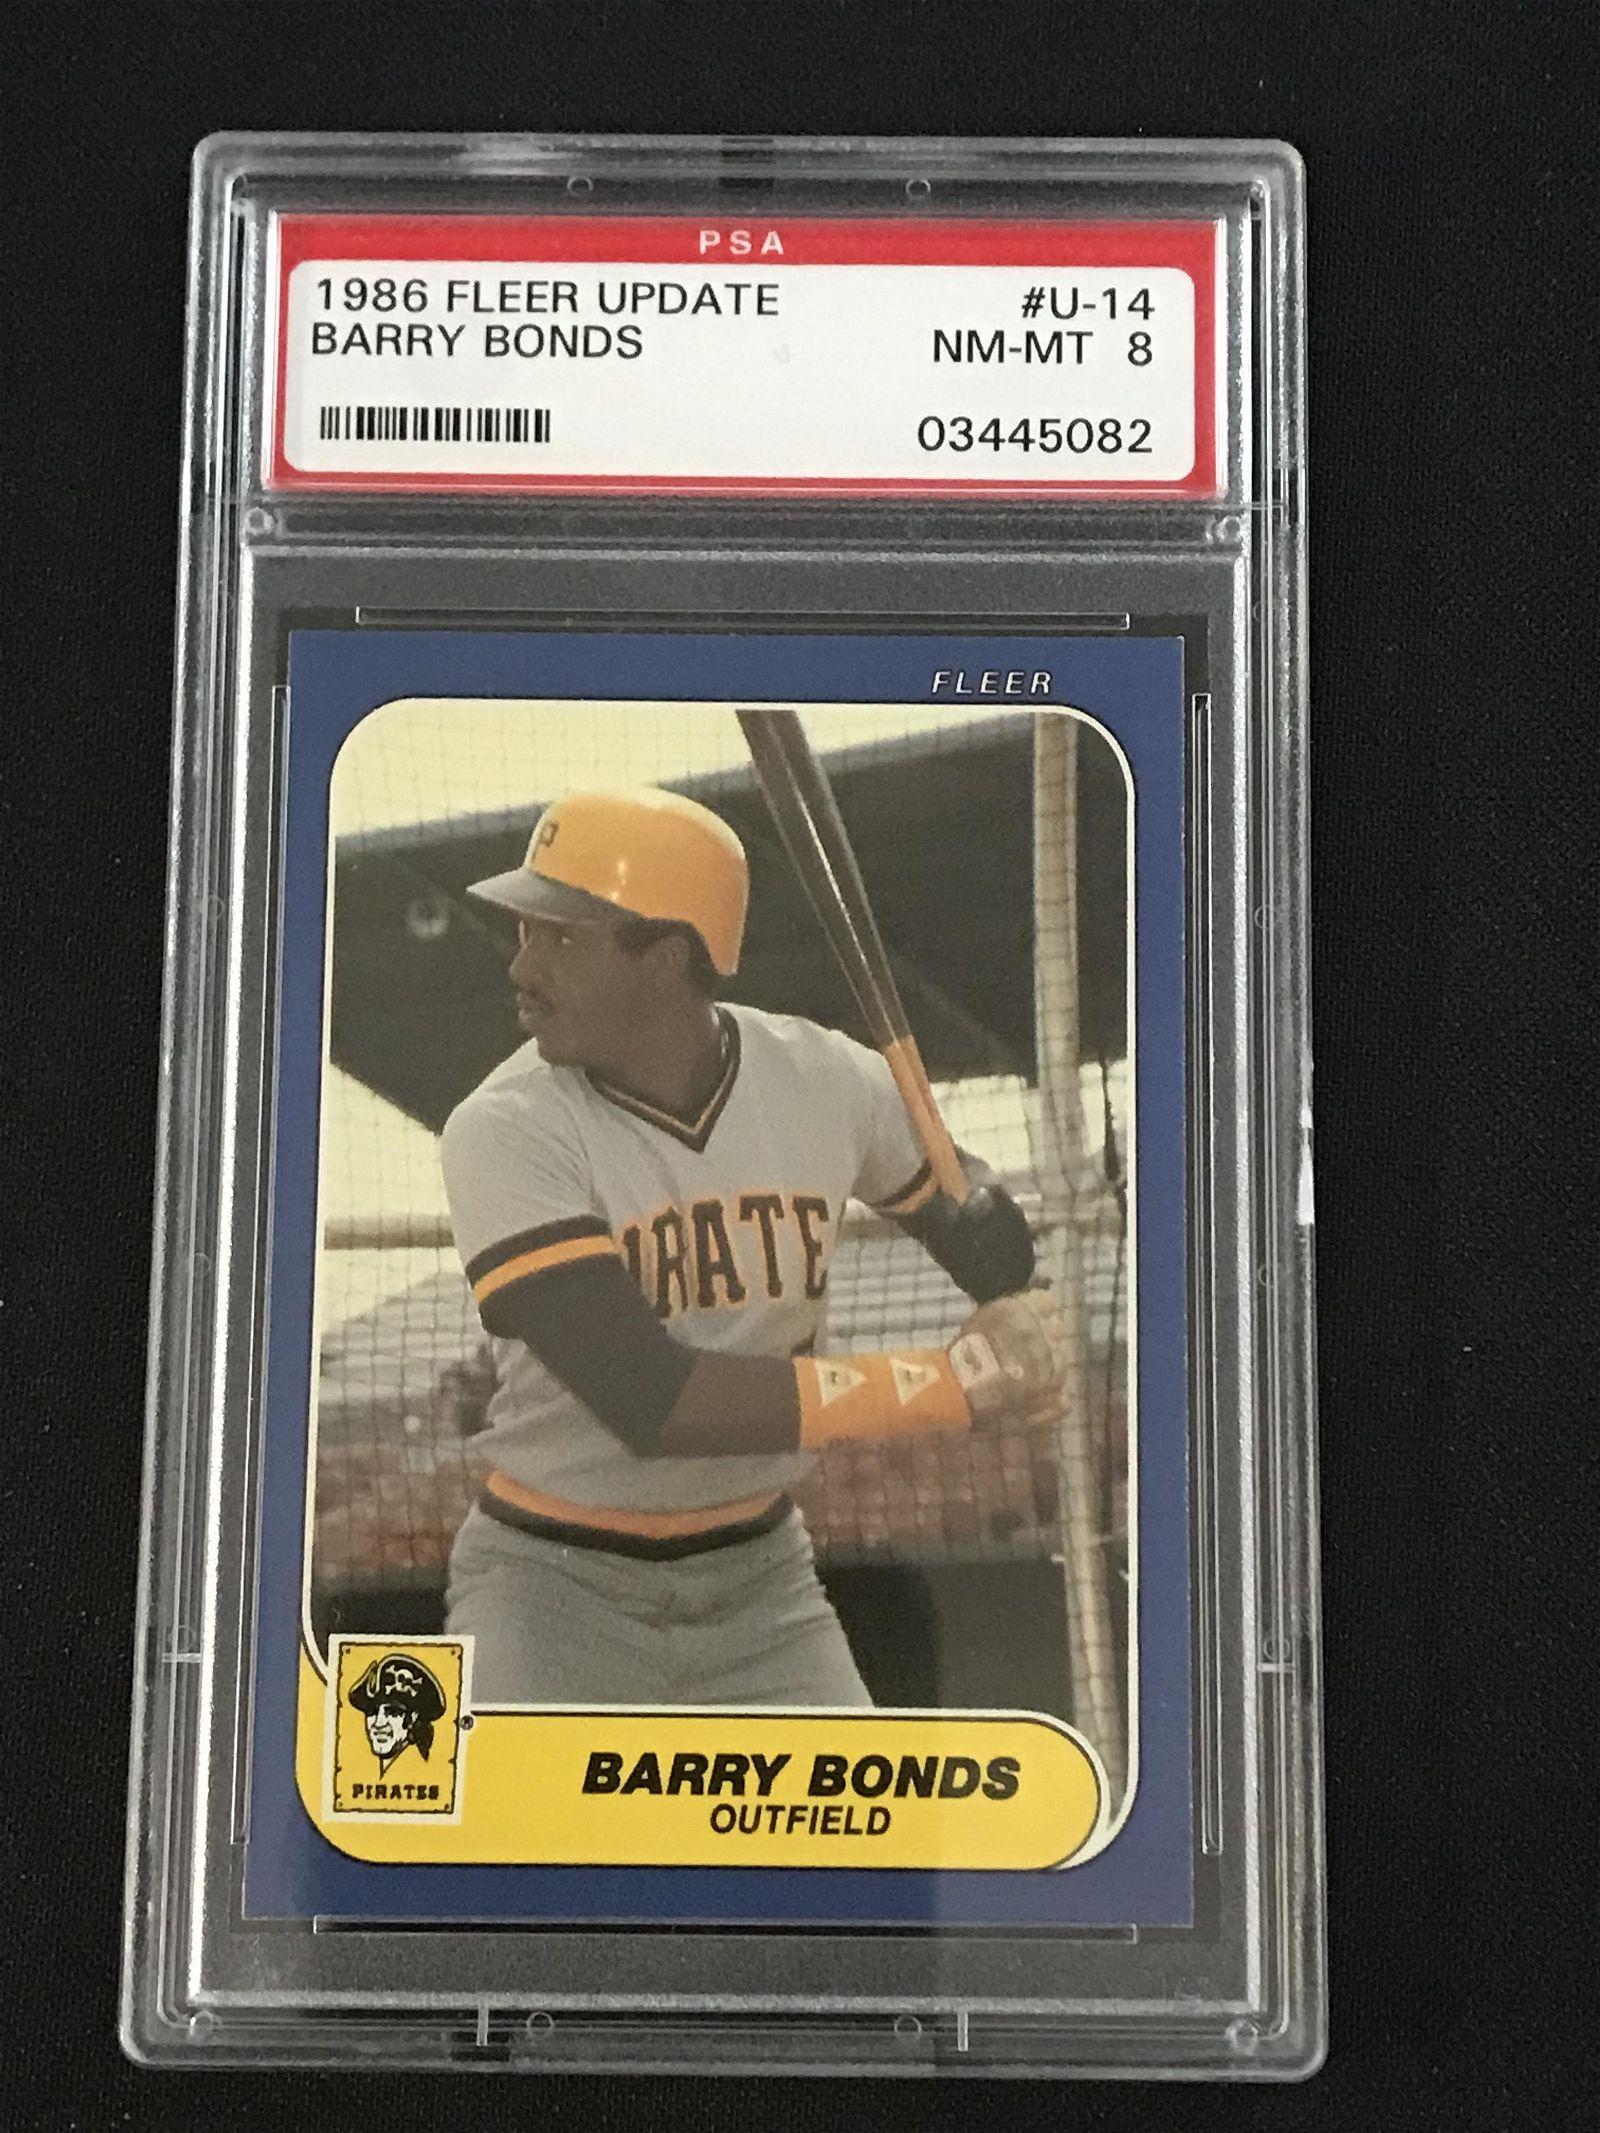 1986 Fleer Update Barry Bonds Rc Psa 8